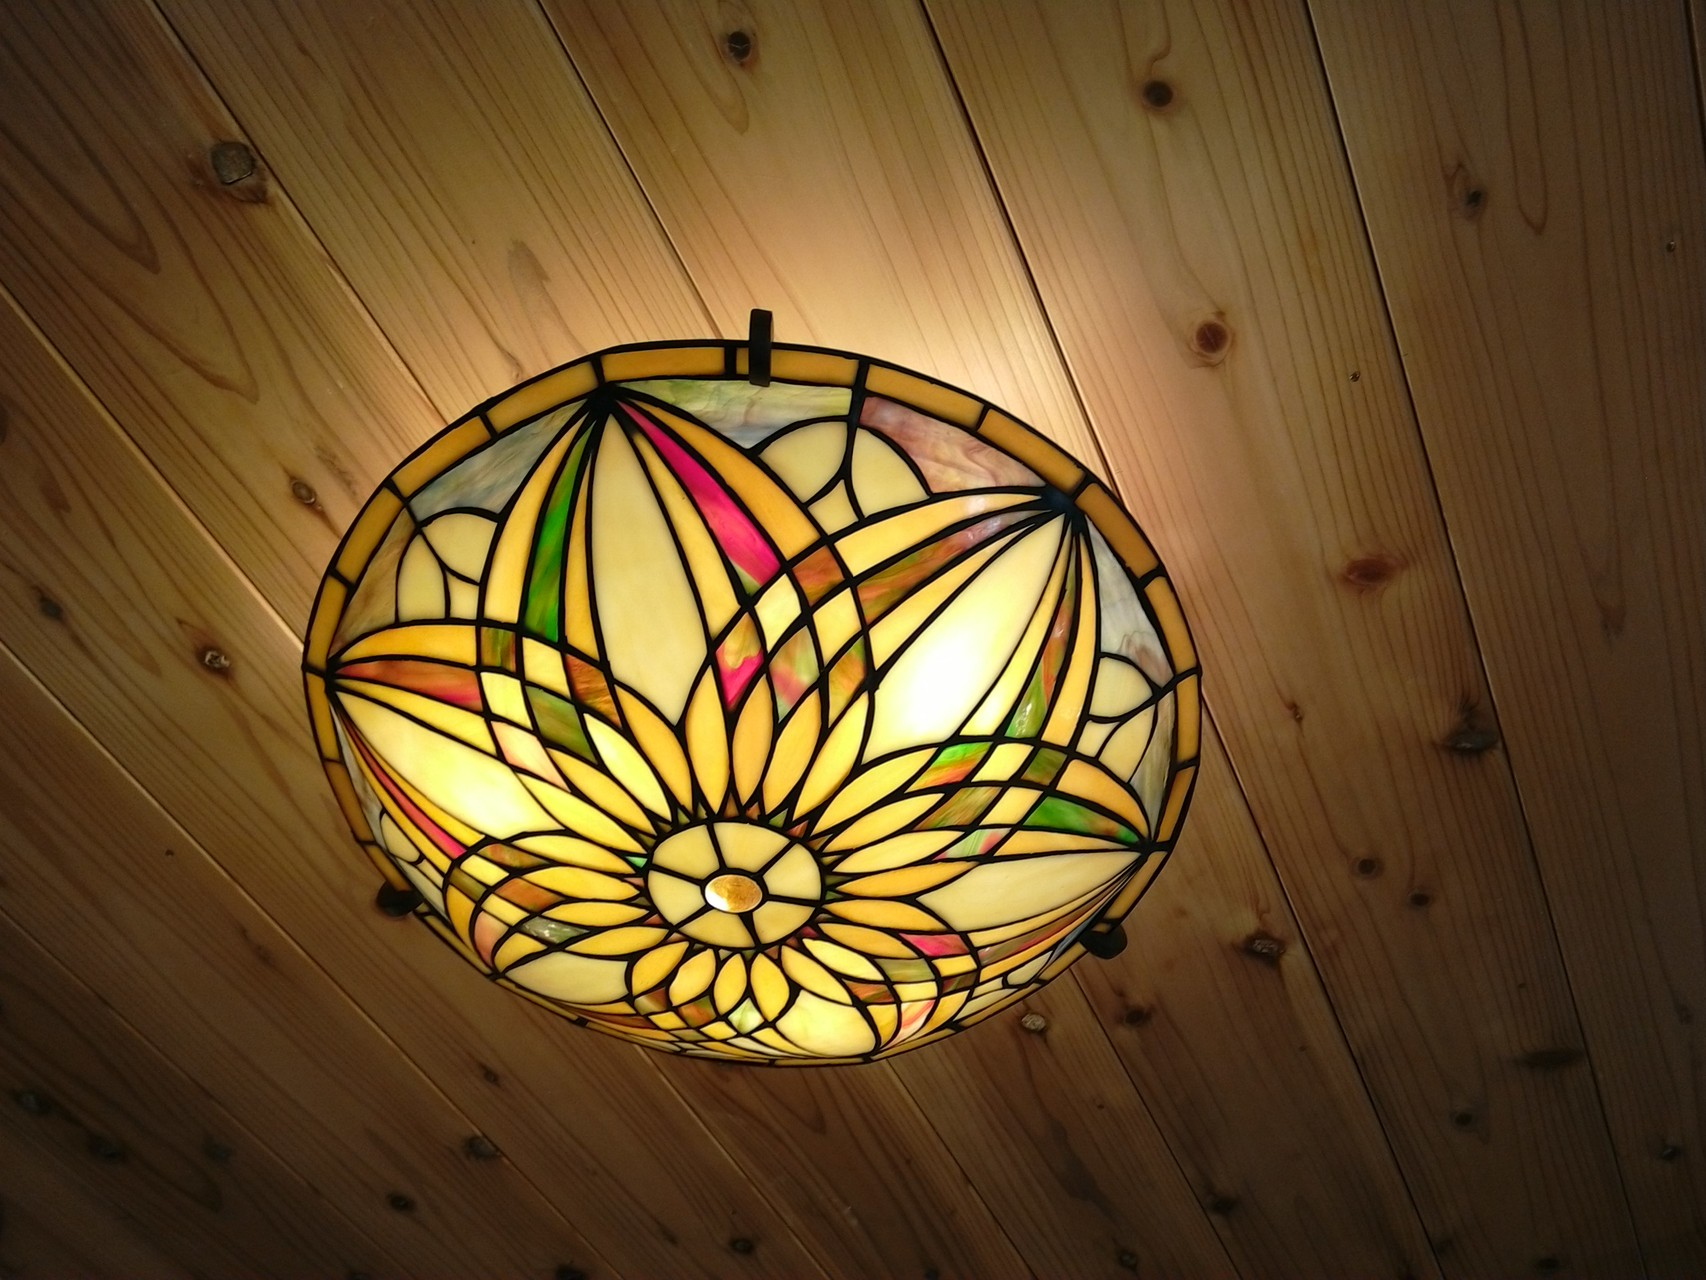 ロフトステンドグラス照明  Loft